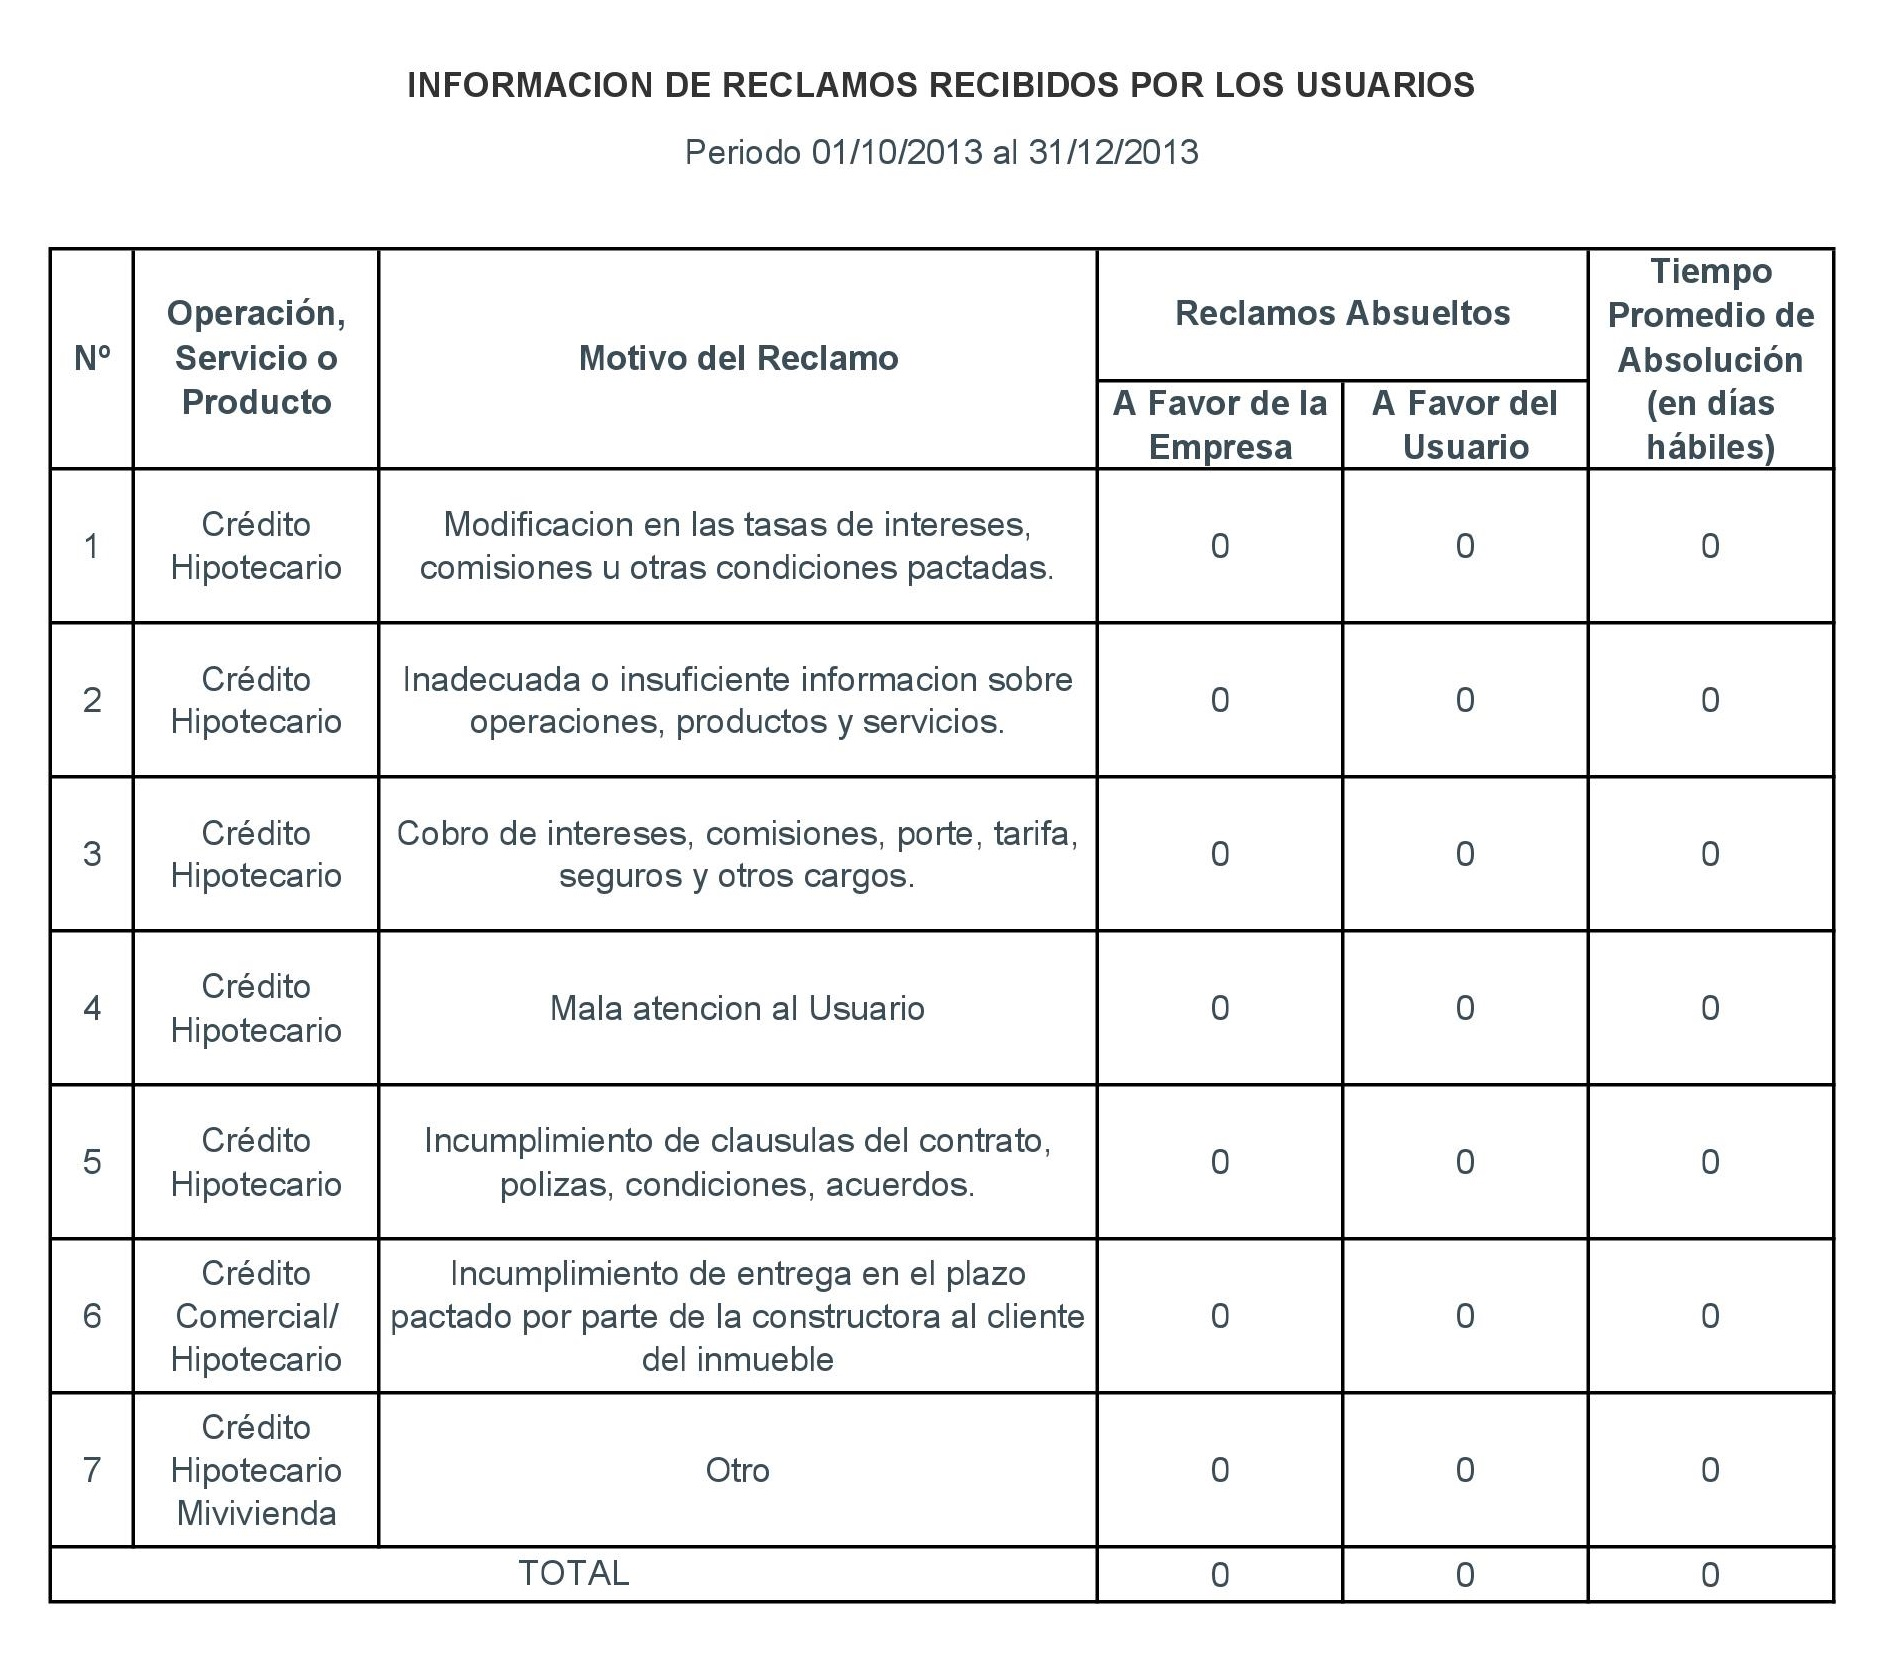 Periodo 01-10-2013 al 31-12-2013